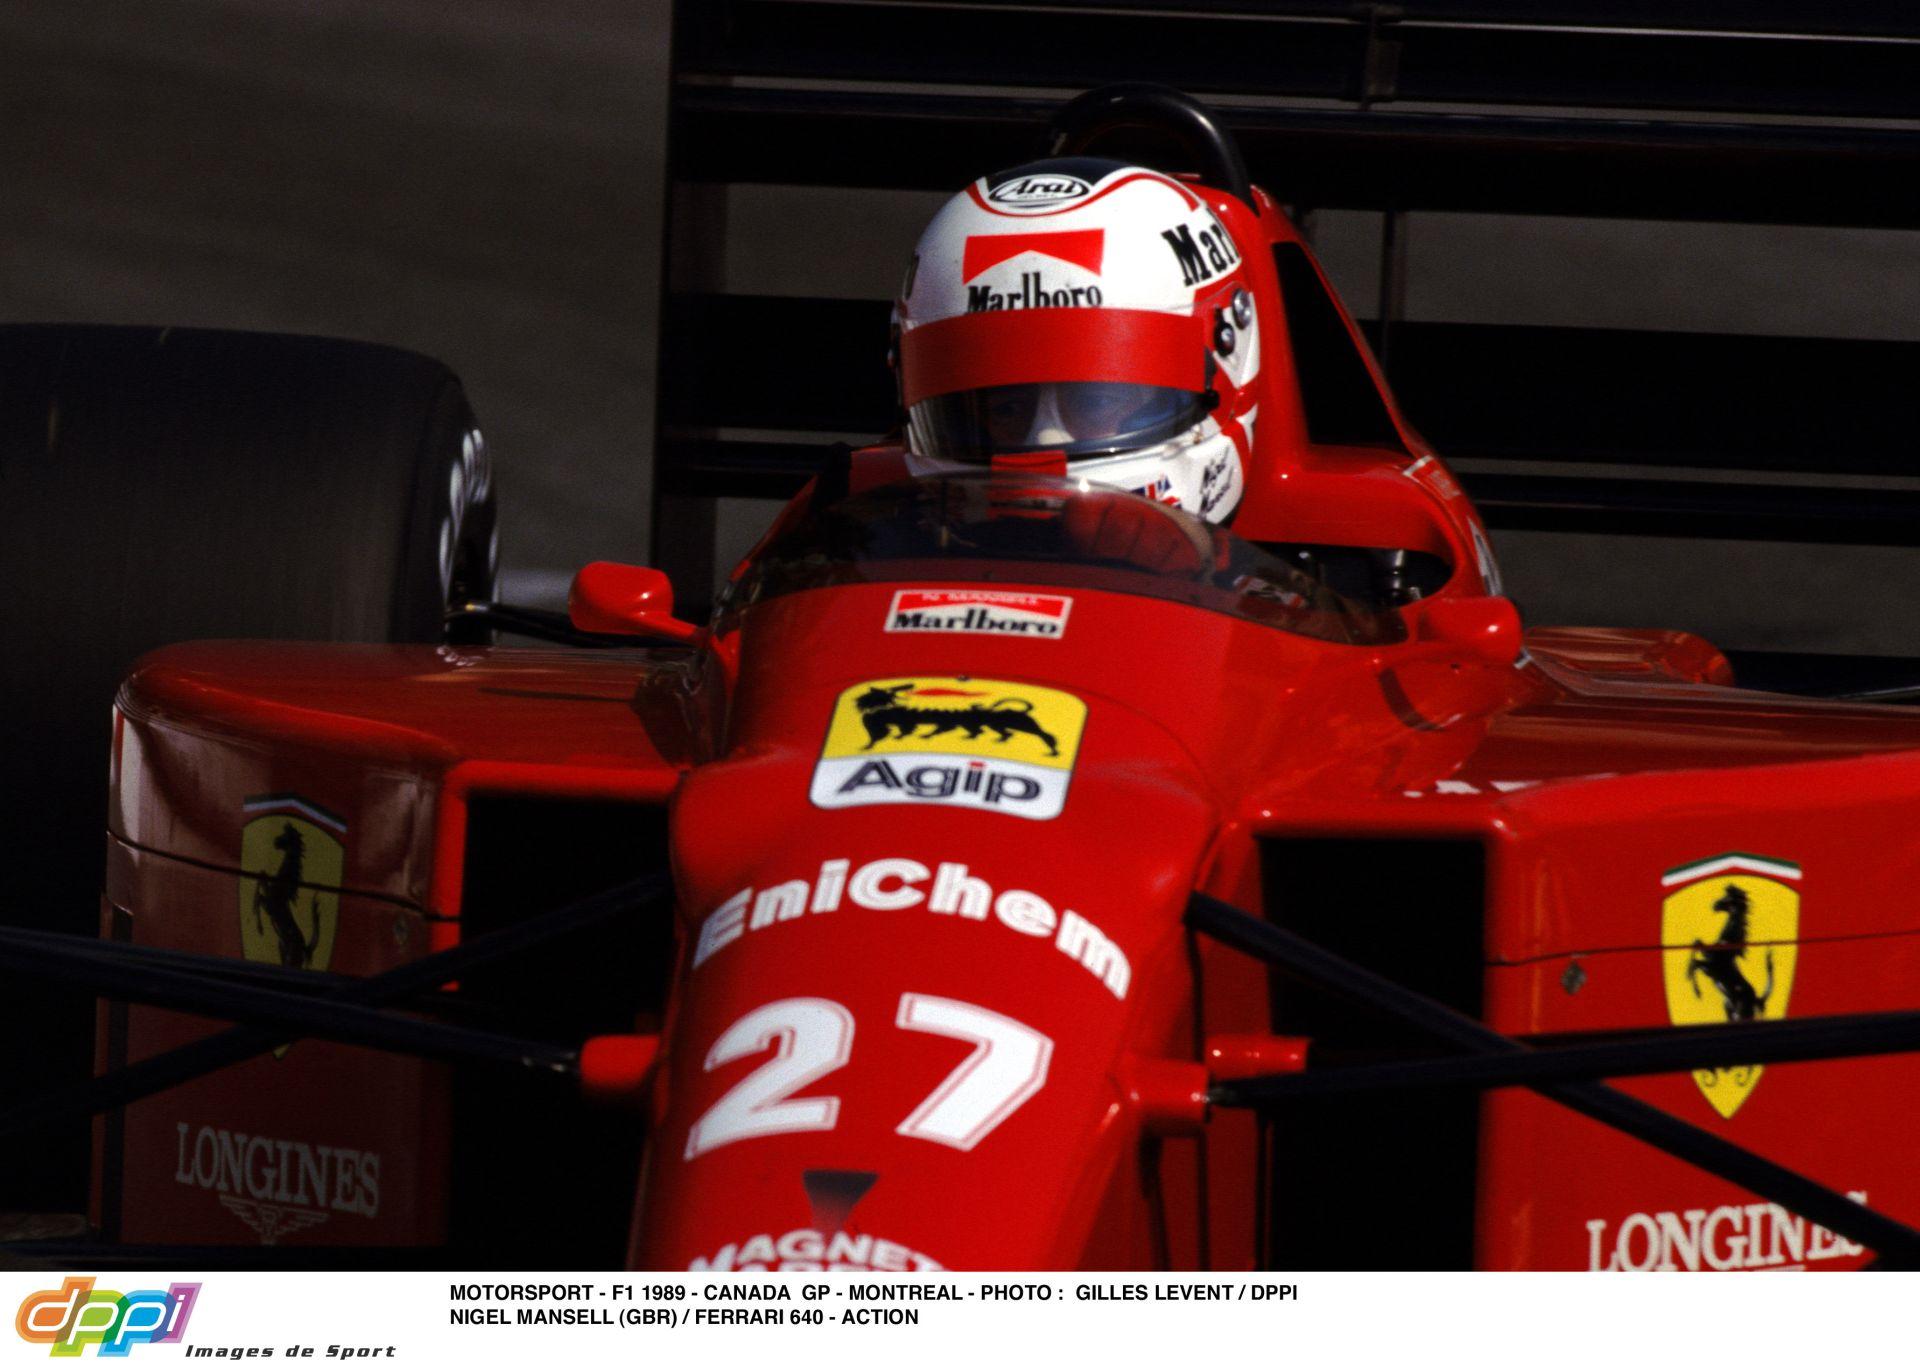 Ferrari-győzelem a Magyar Nagydíjon 1989-ből! Mansell parádés előzése Senna ellen a győzelemért!